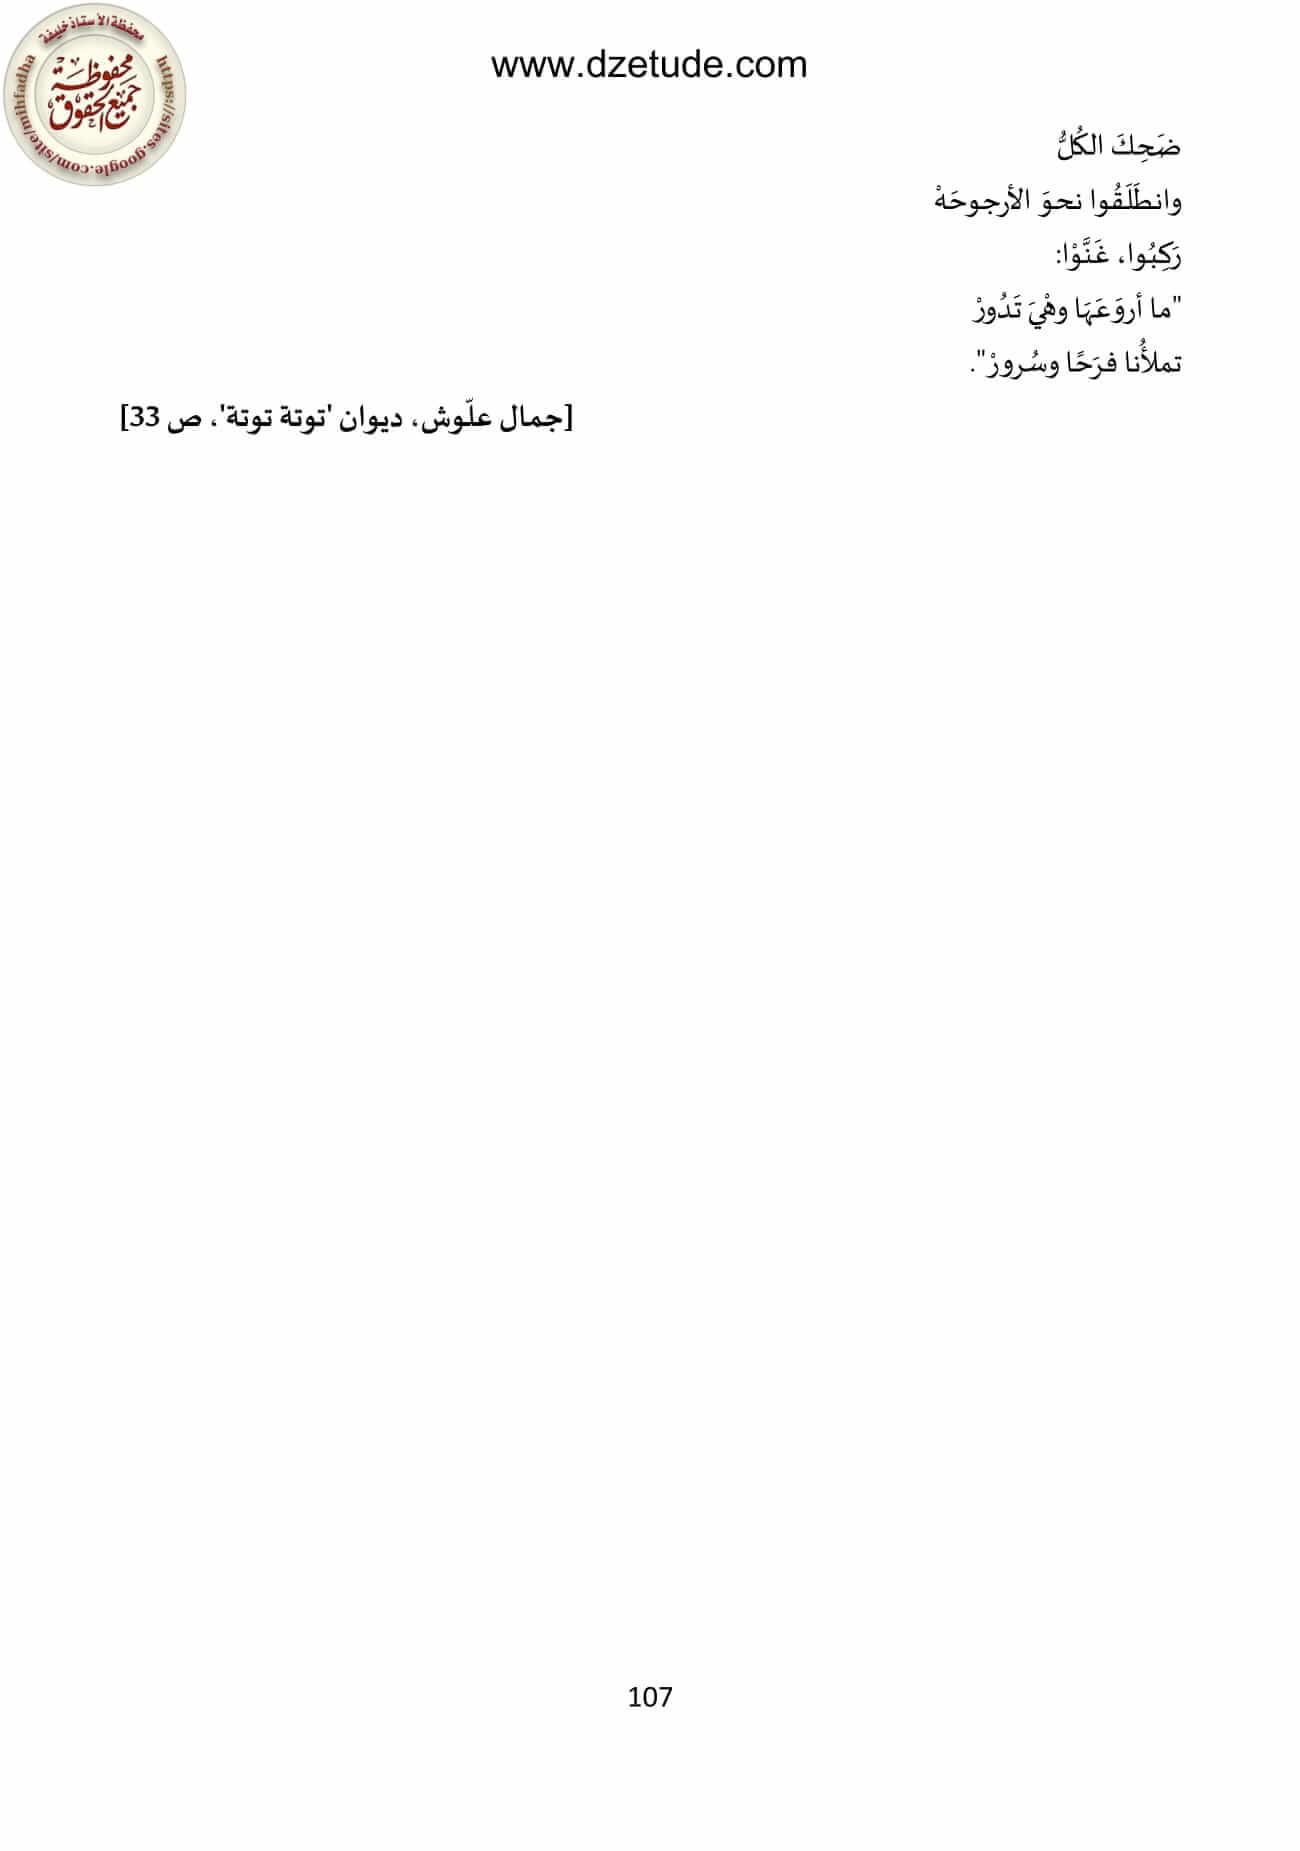 نص فهم المنطوق صباح العيد